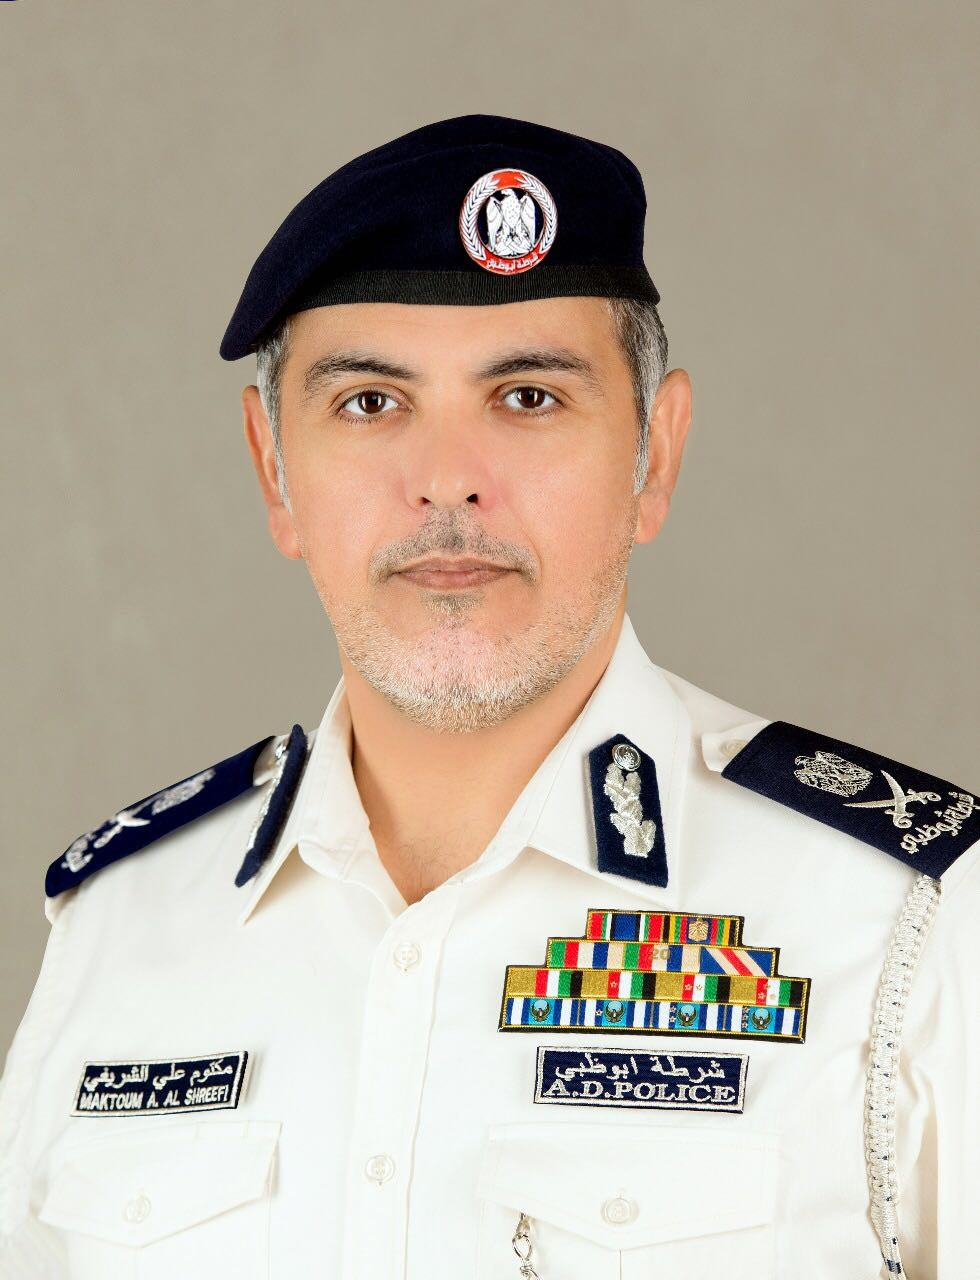 اللواء مكتوم علي الشريفي، مديرعام شرطة أبوظبي